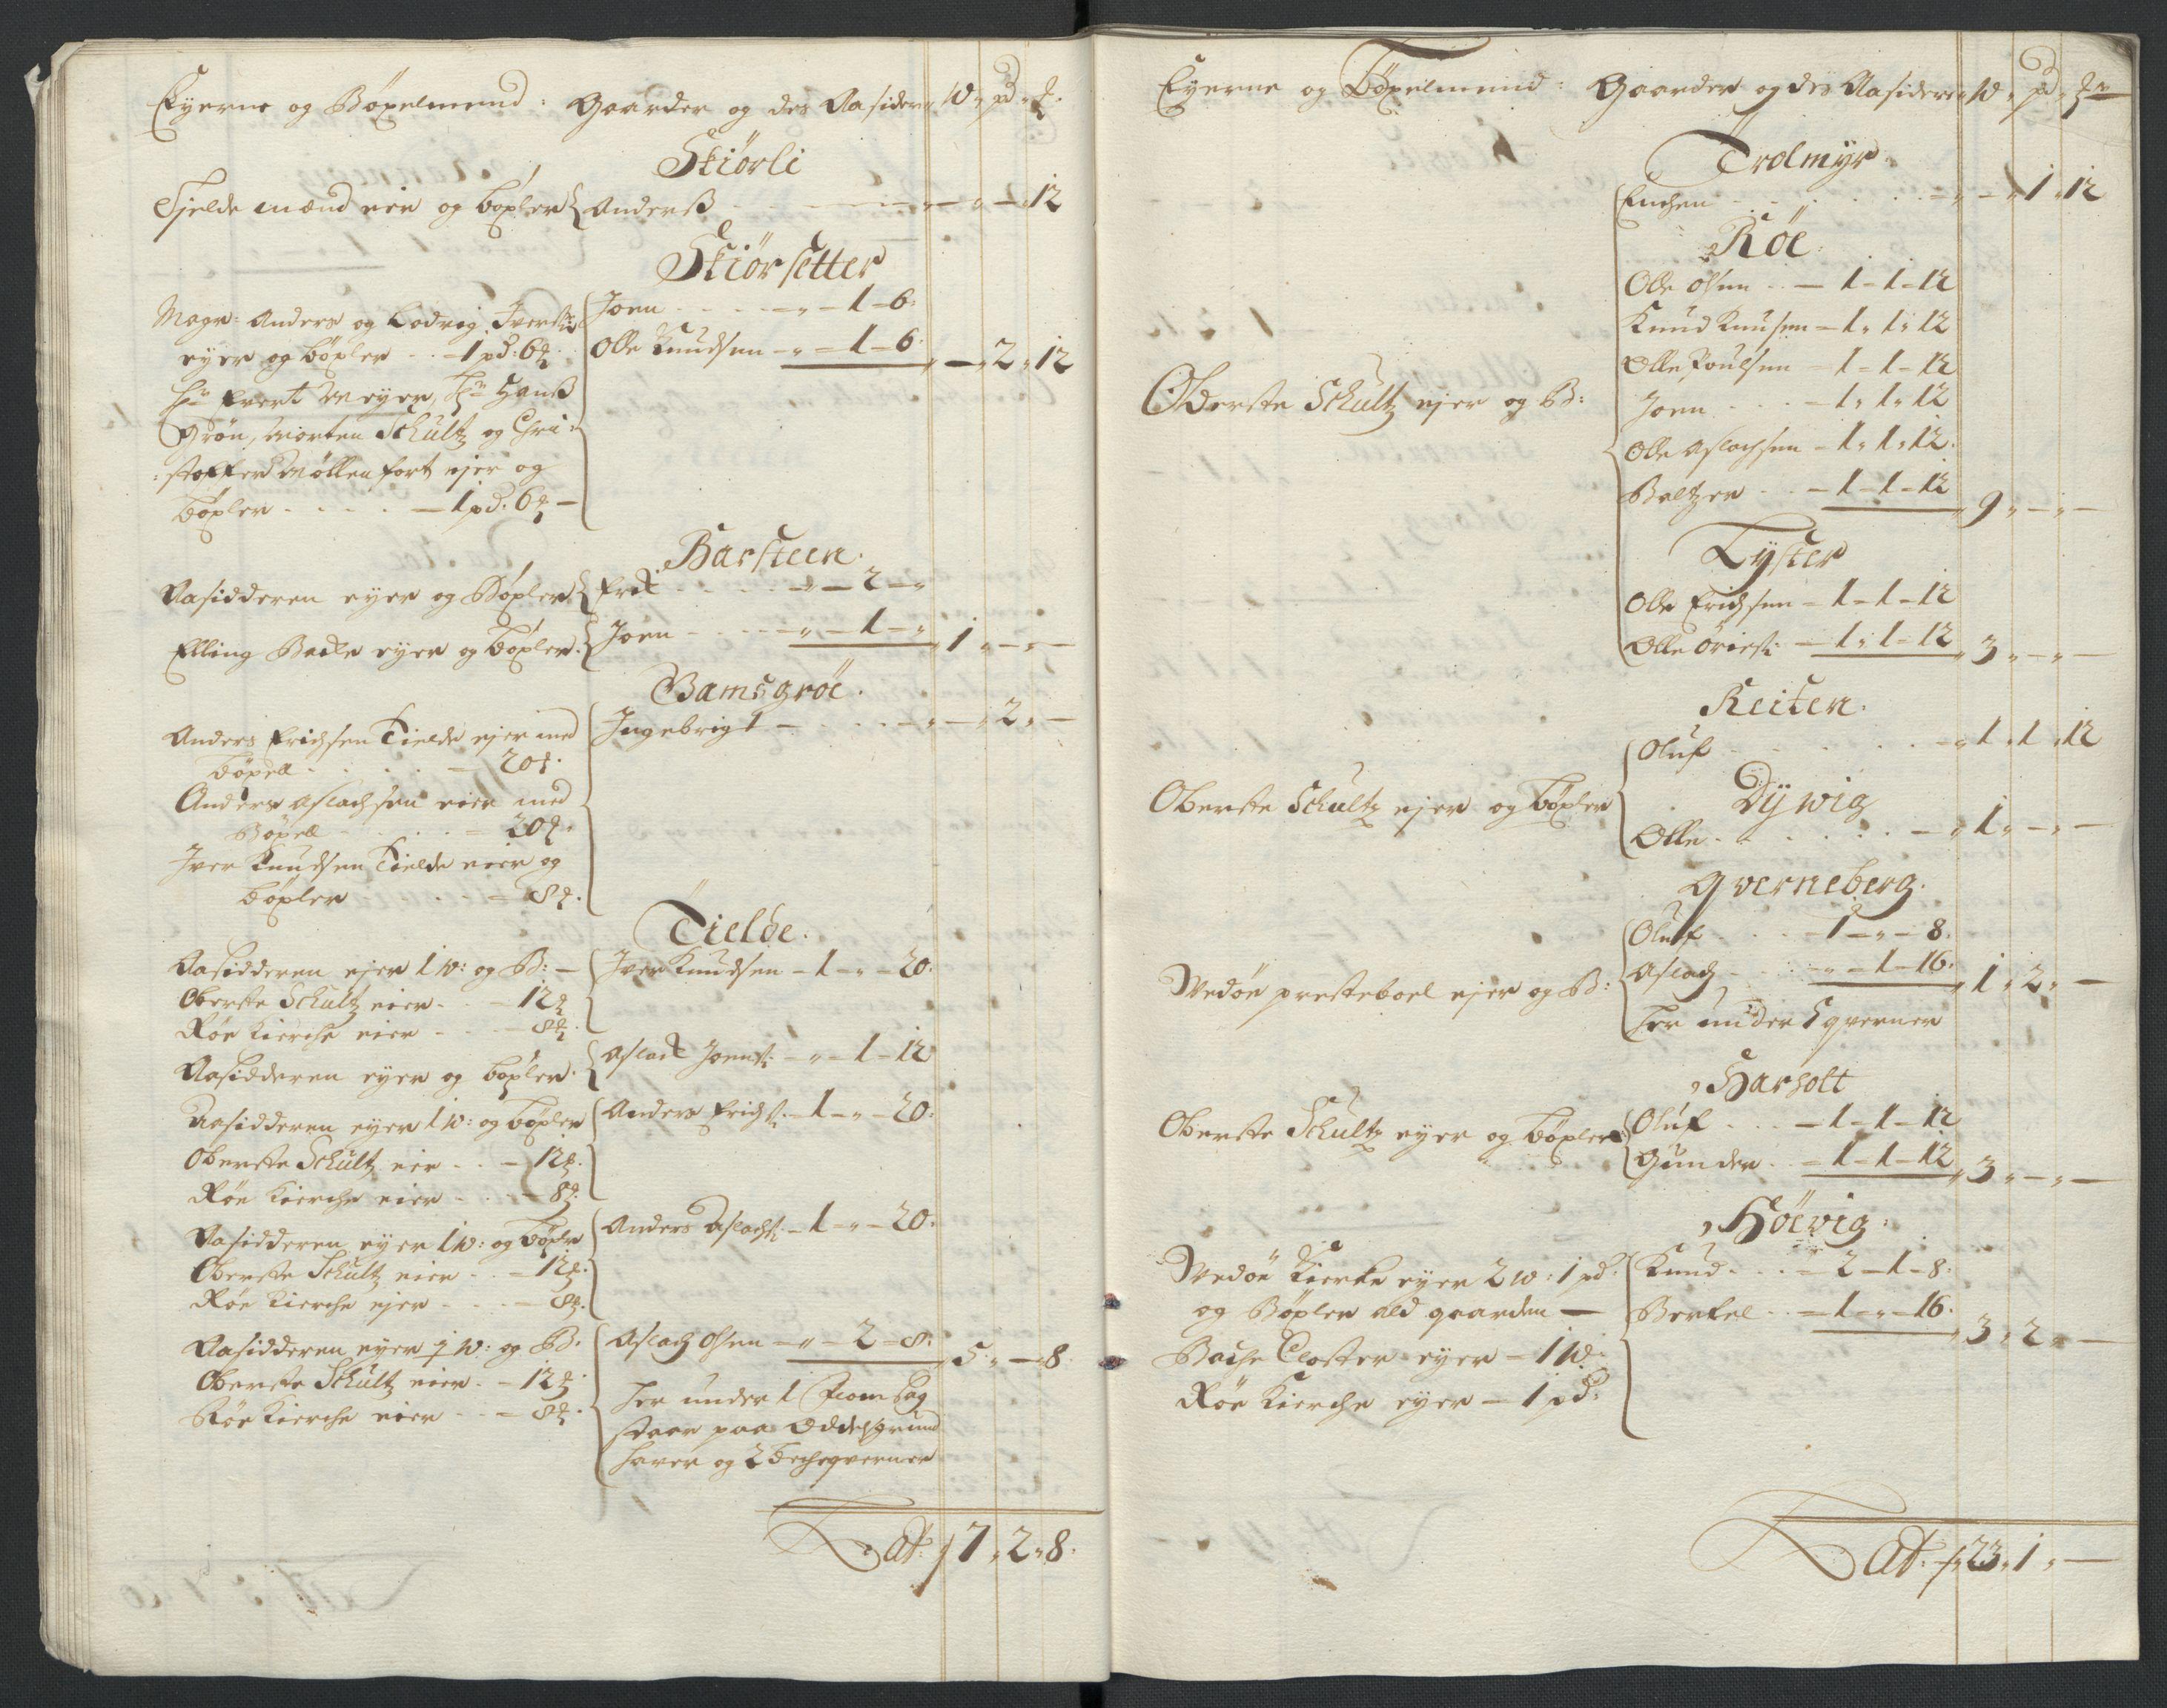 RA, Rentekammeret inntil 1814, Reviderte regnskaper, Fogderegnskap, R55/L3654: Fogderegnskap Romsdal, 1699-1700, s. 21